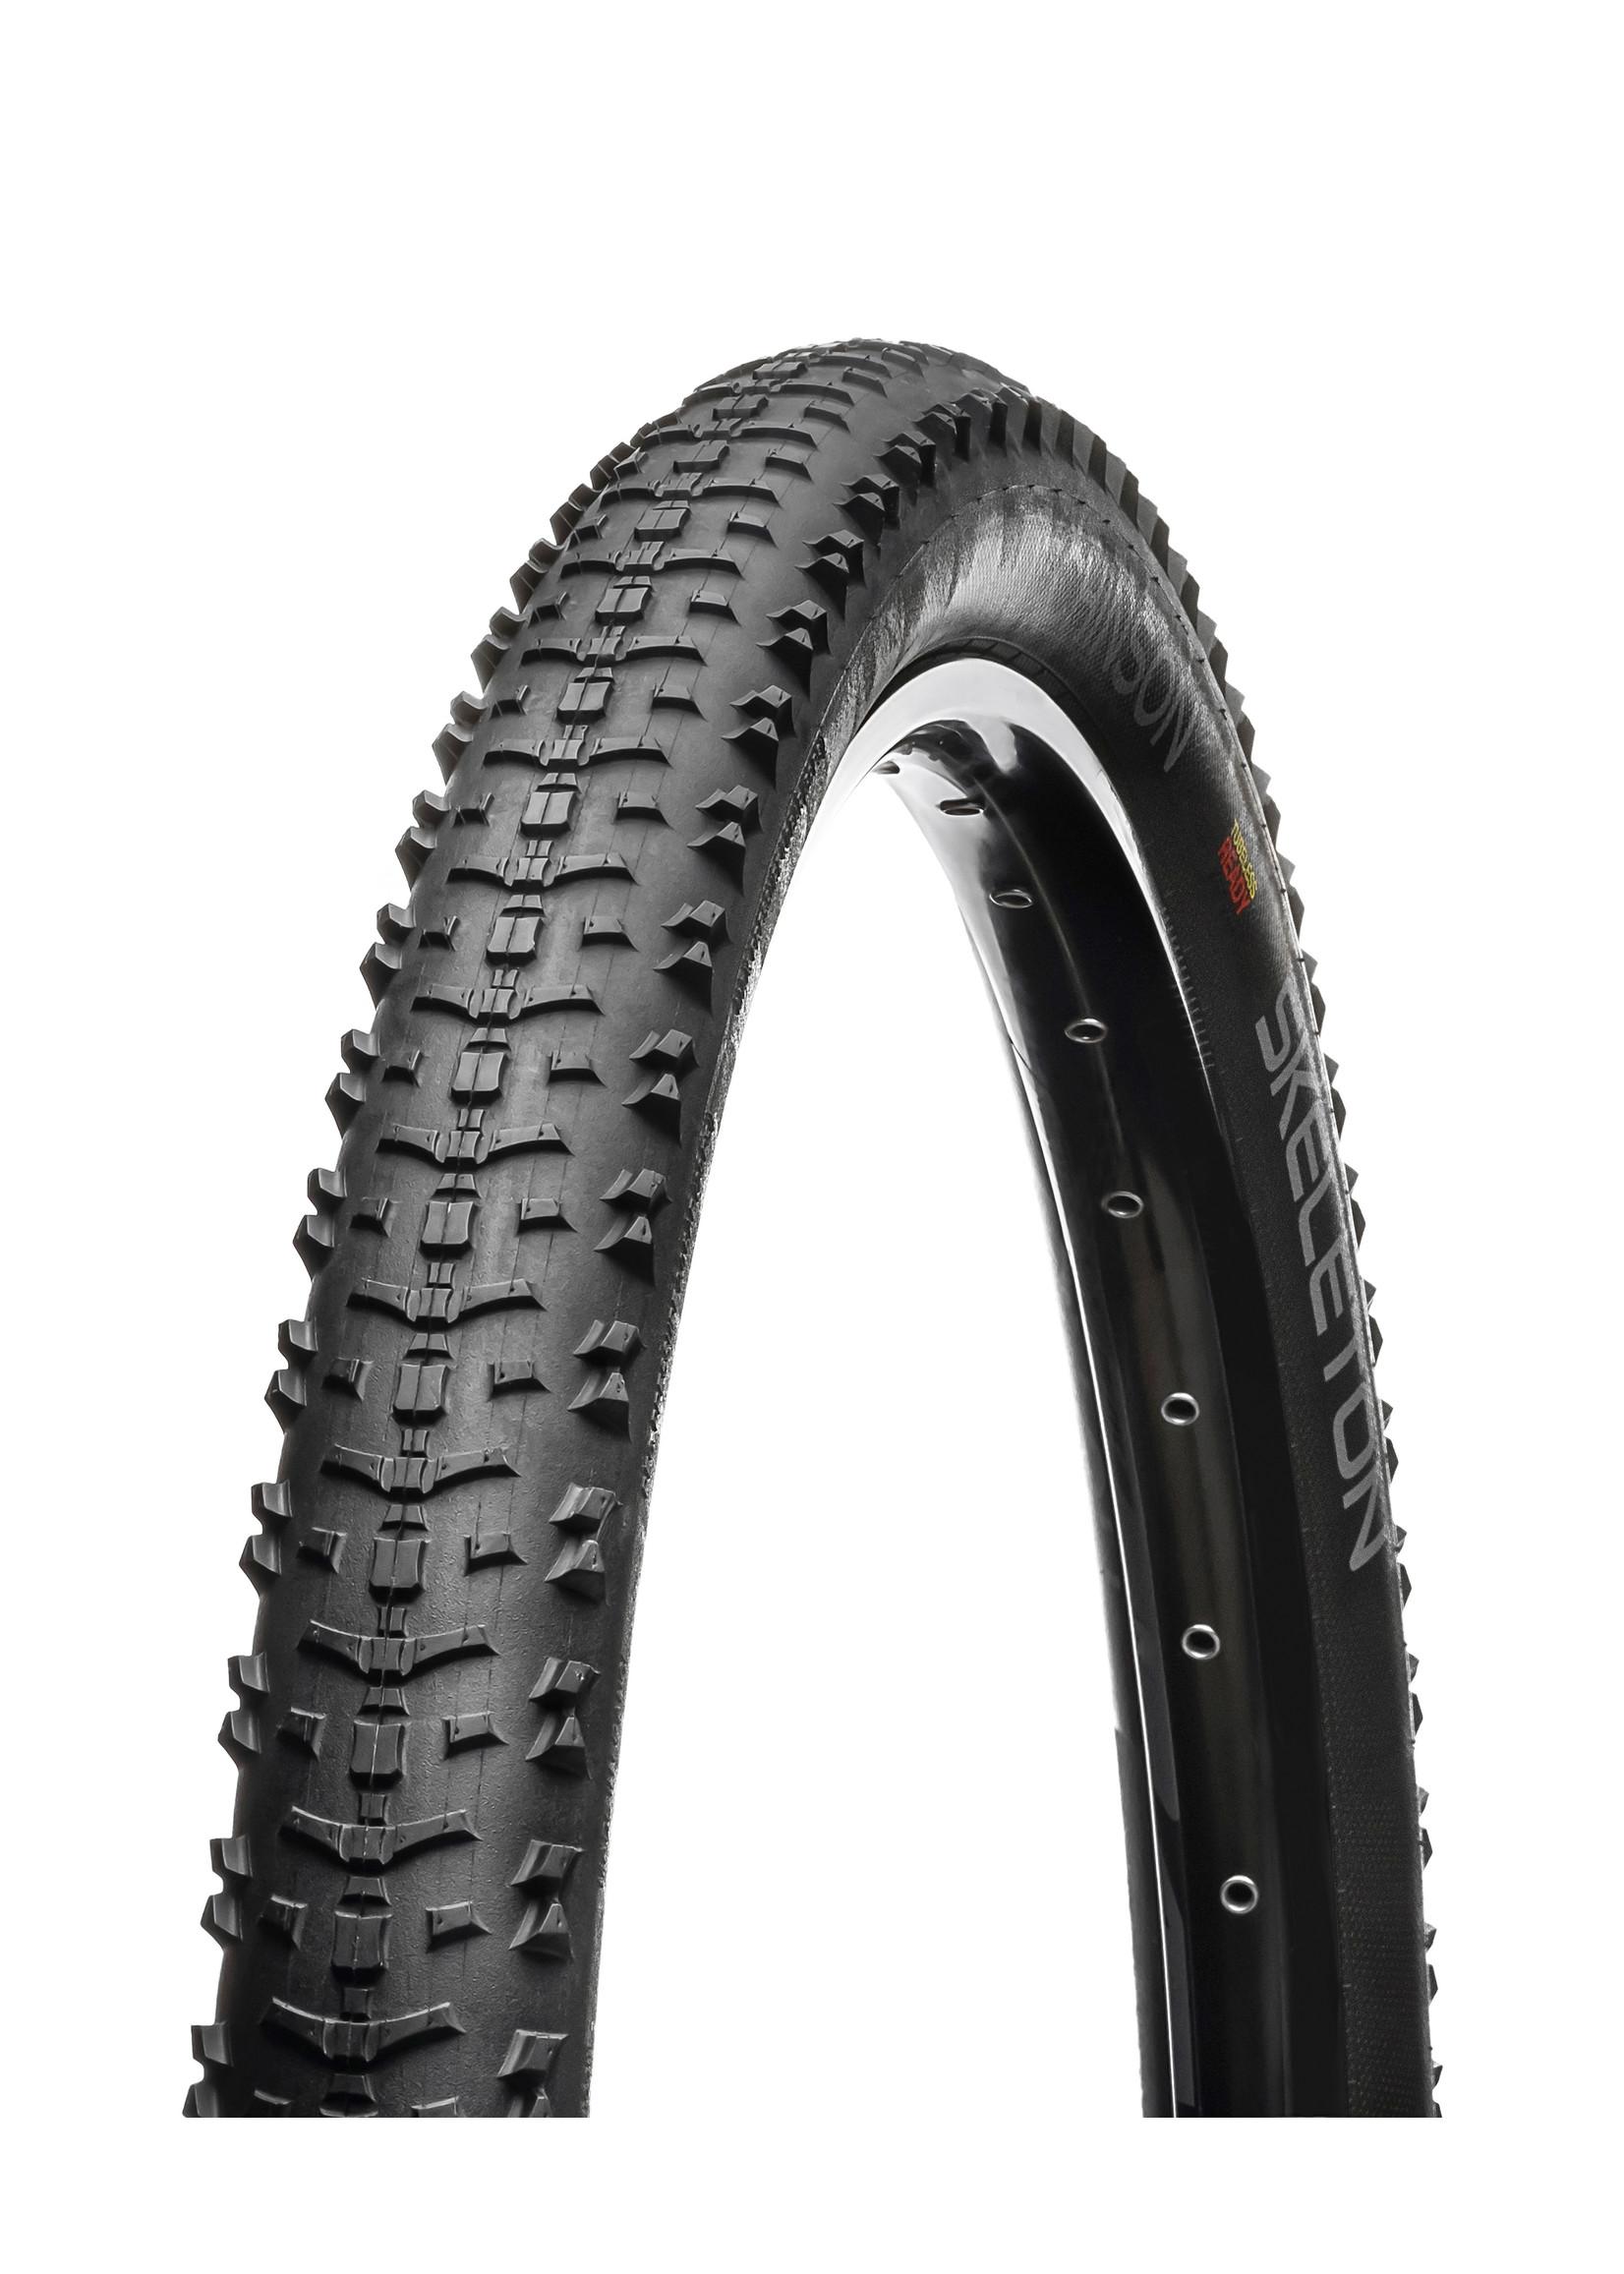 Hutchinson Skeleton MTB Tyre (Black, 29 x 2.15, TR, FB, RR xc)